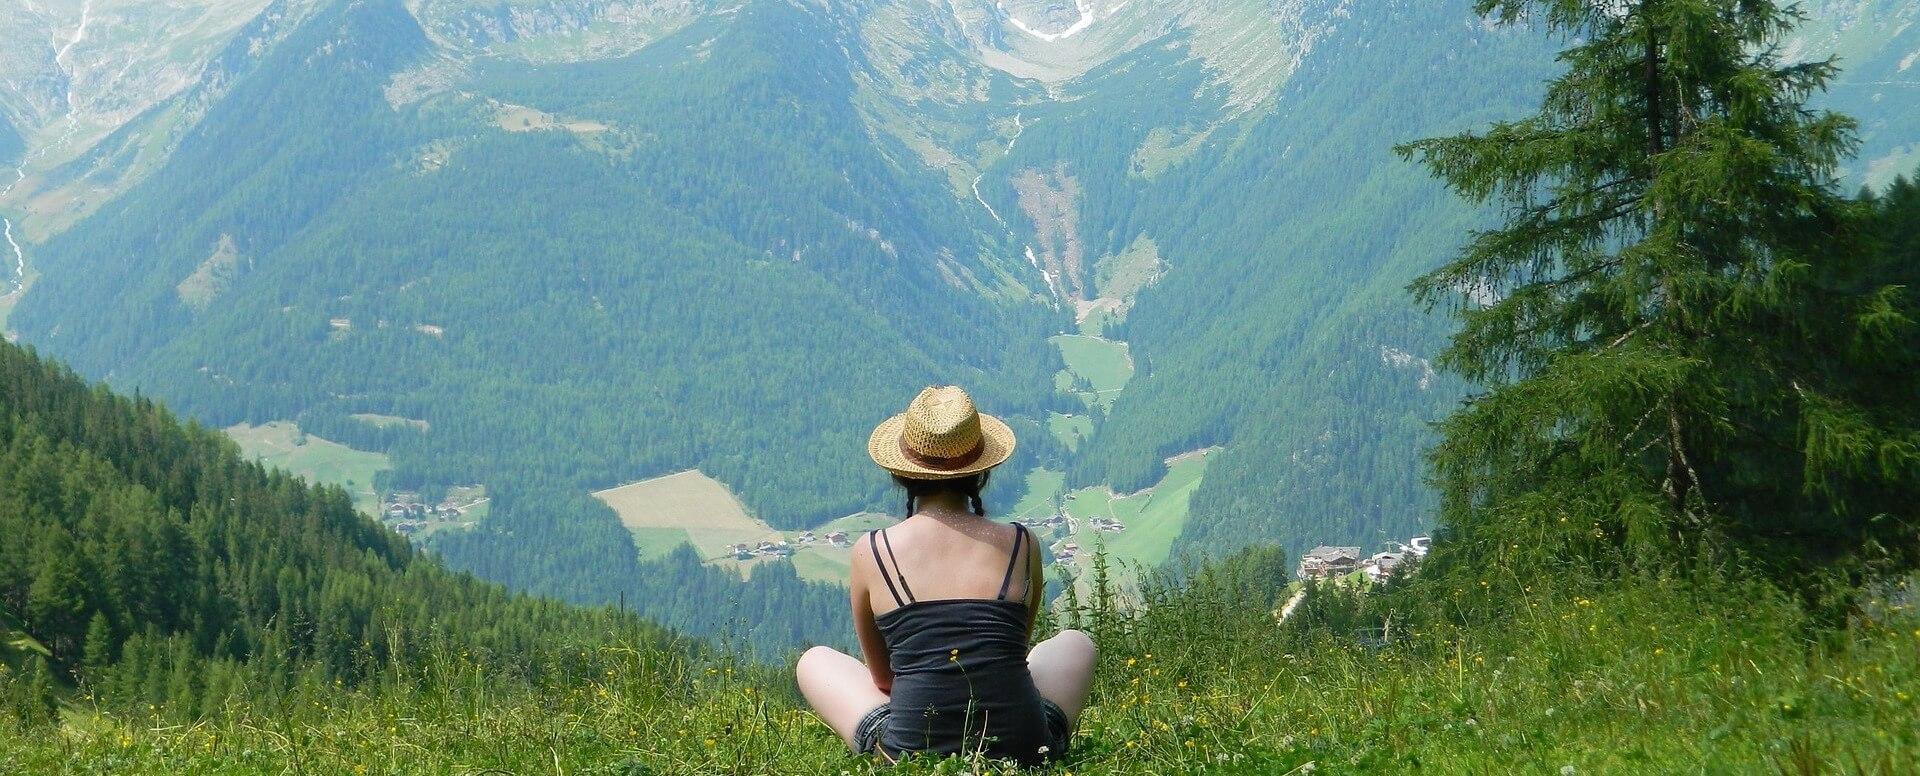 Faire de la randonnée - Italie